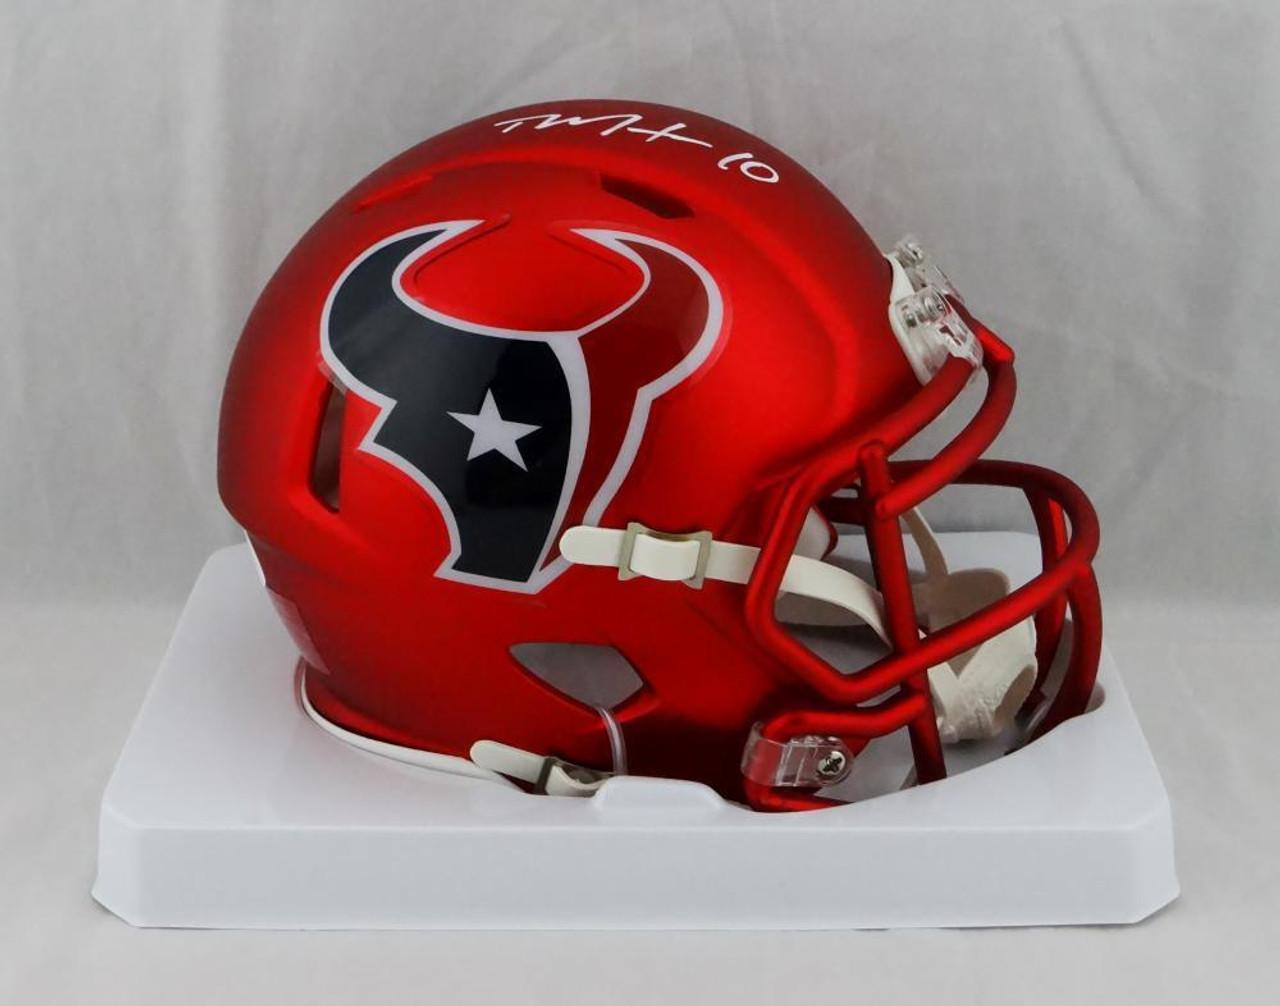 6a0cc258 Deandre Hopkins Houston Texans Autographed Blaze Mini Football Helmet